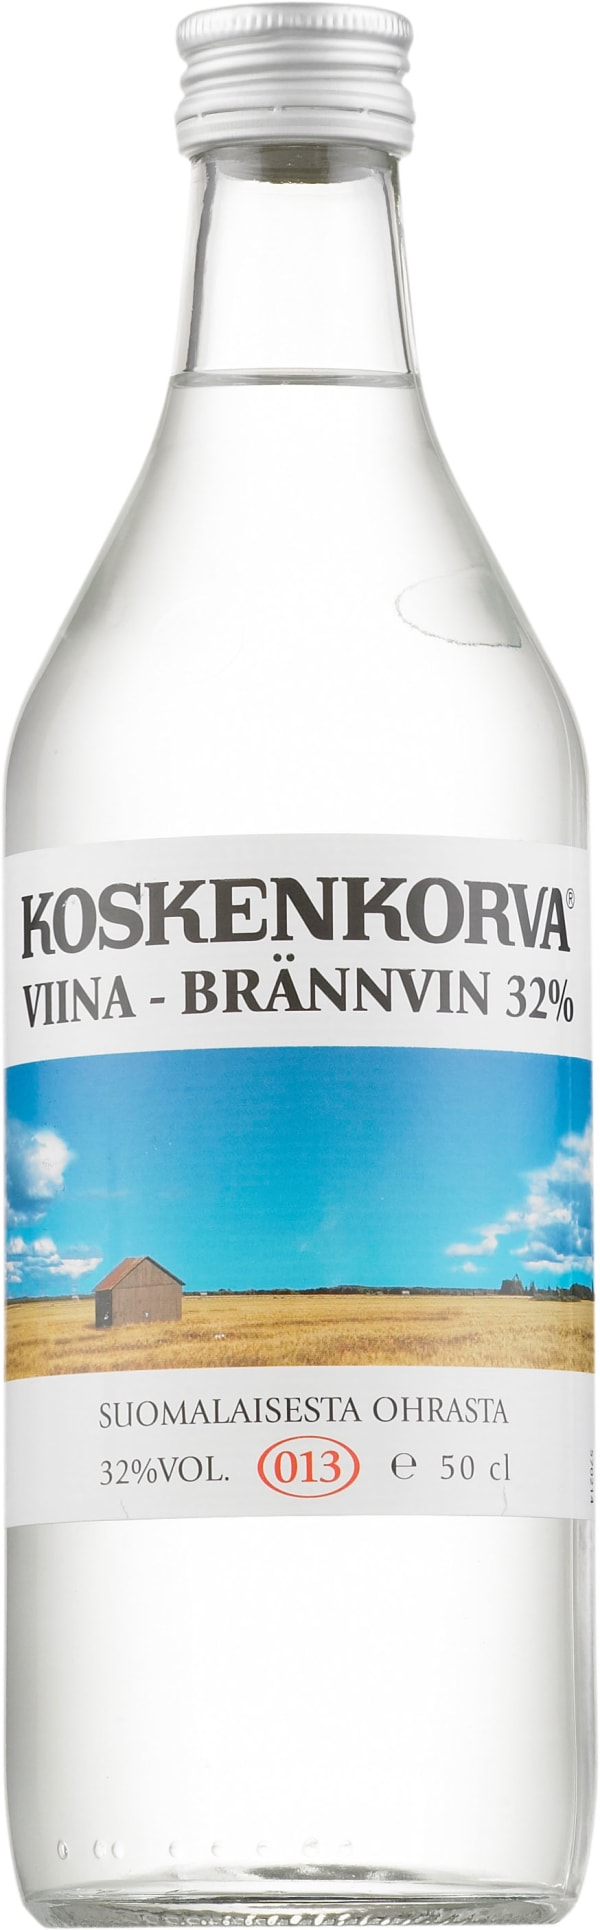 Koskenkorva Brännvin 32 %